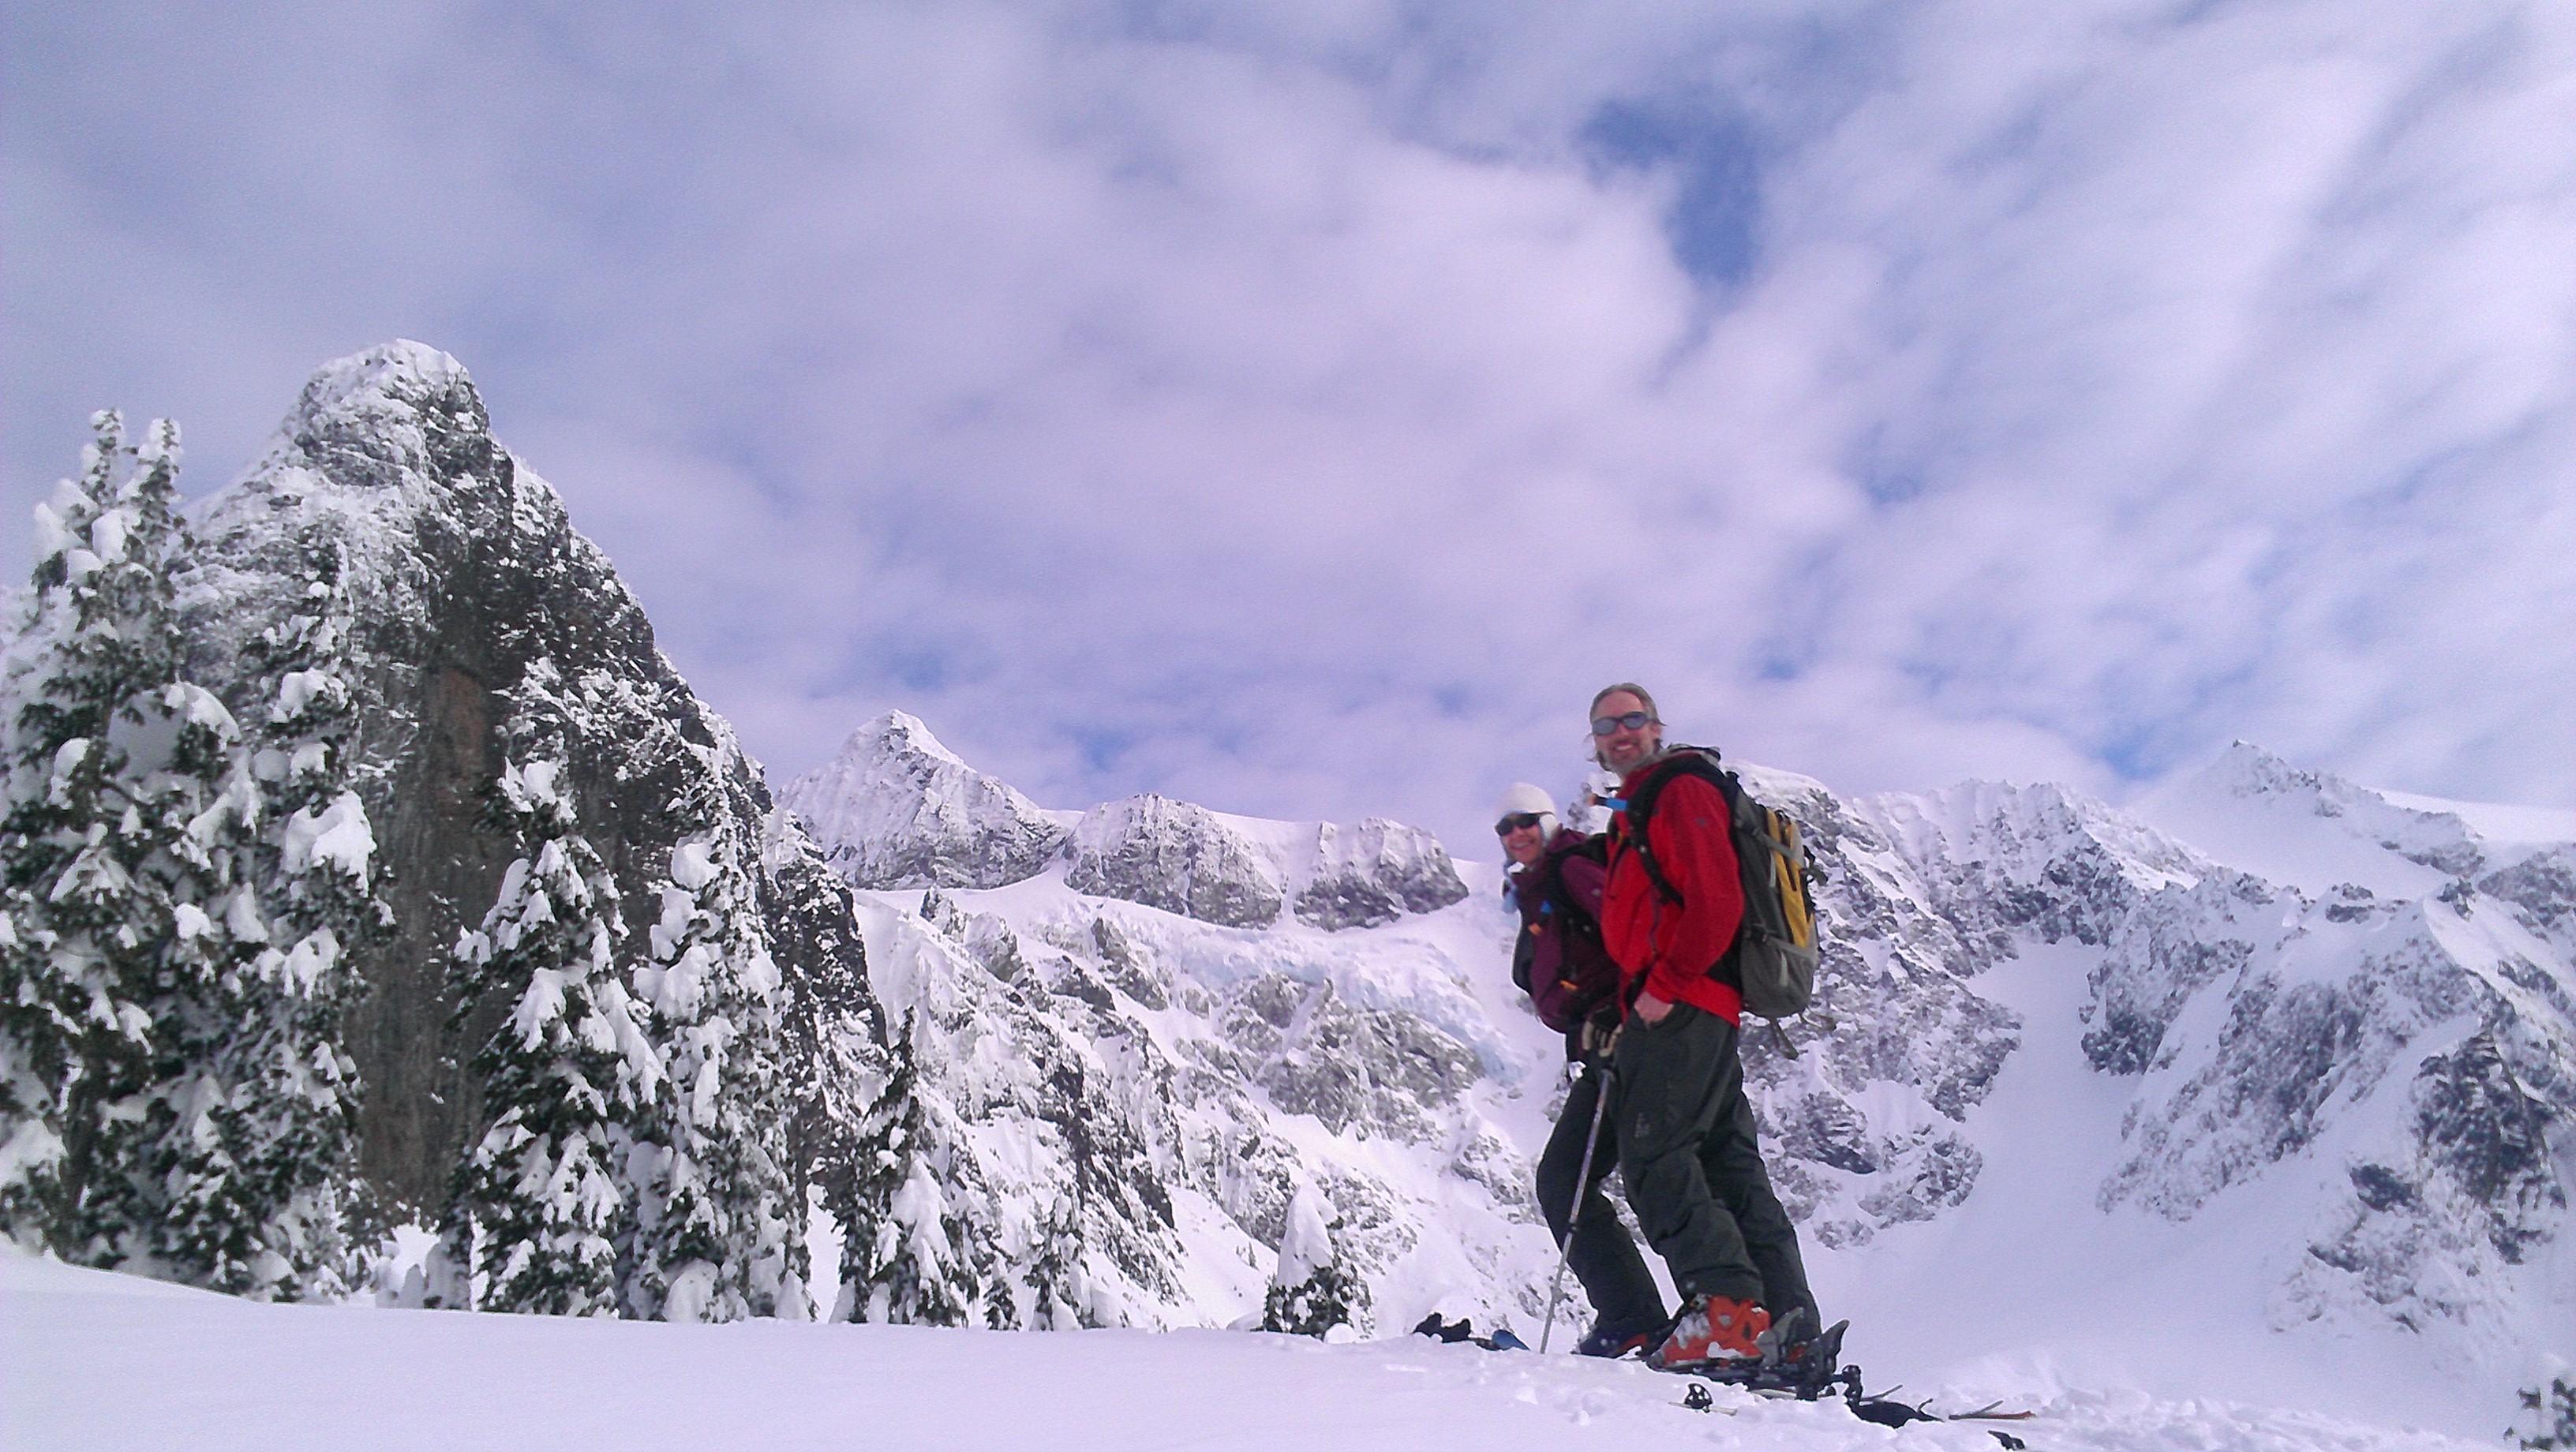 the back of Mt. Shucksan, Mount Baker